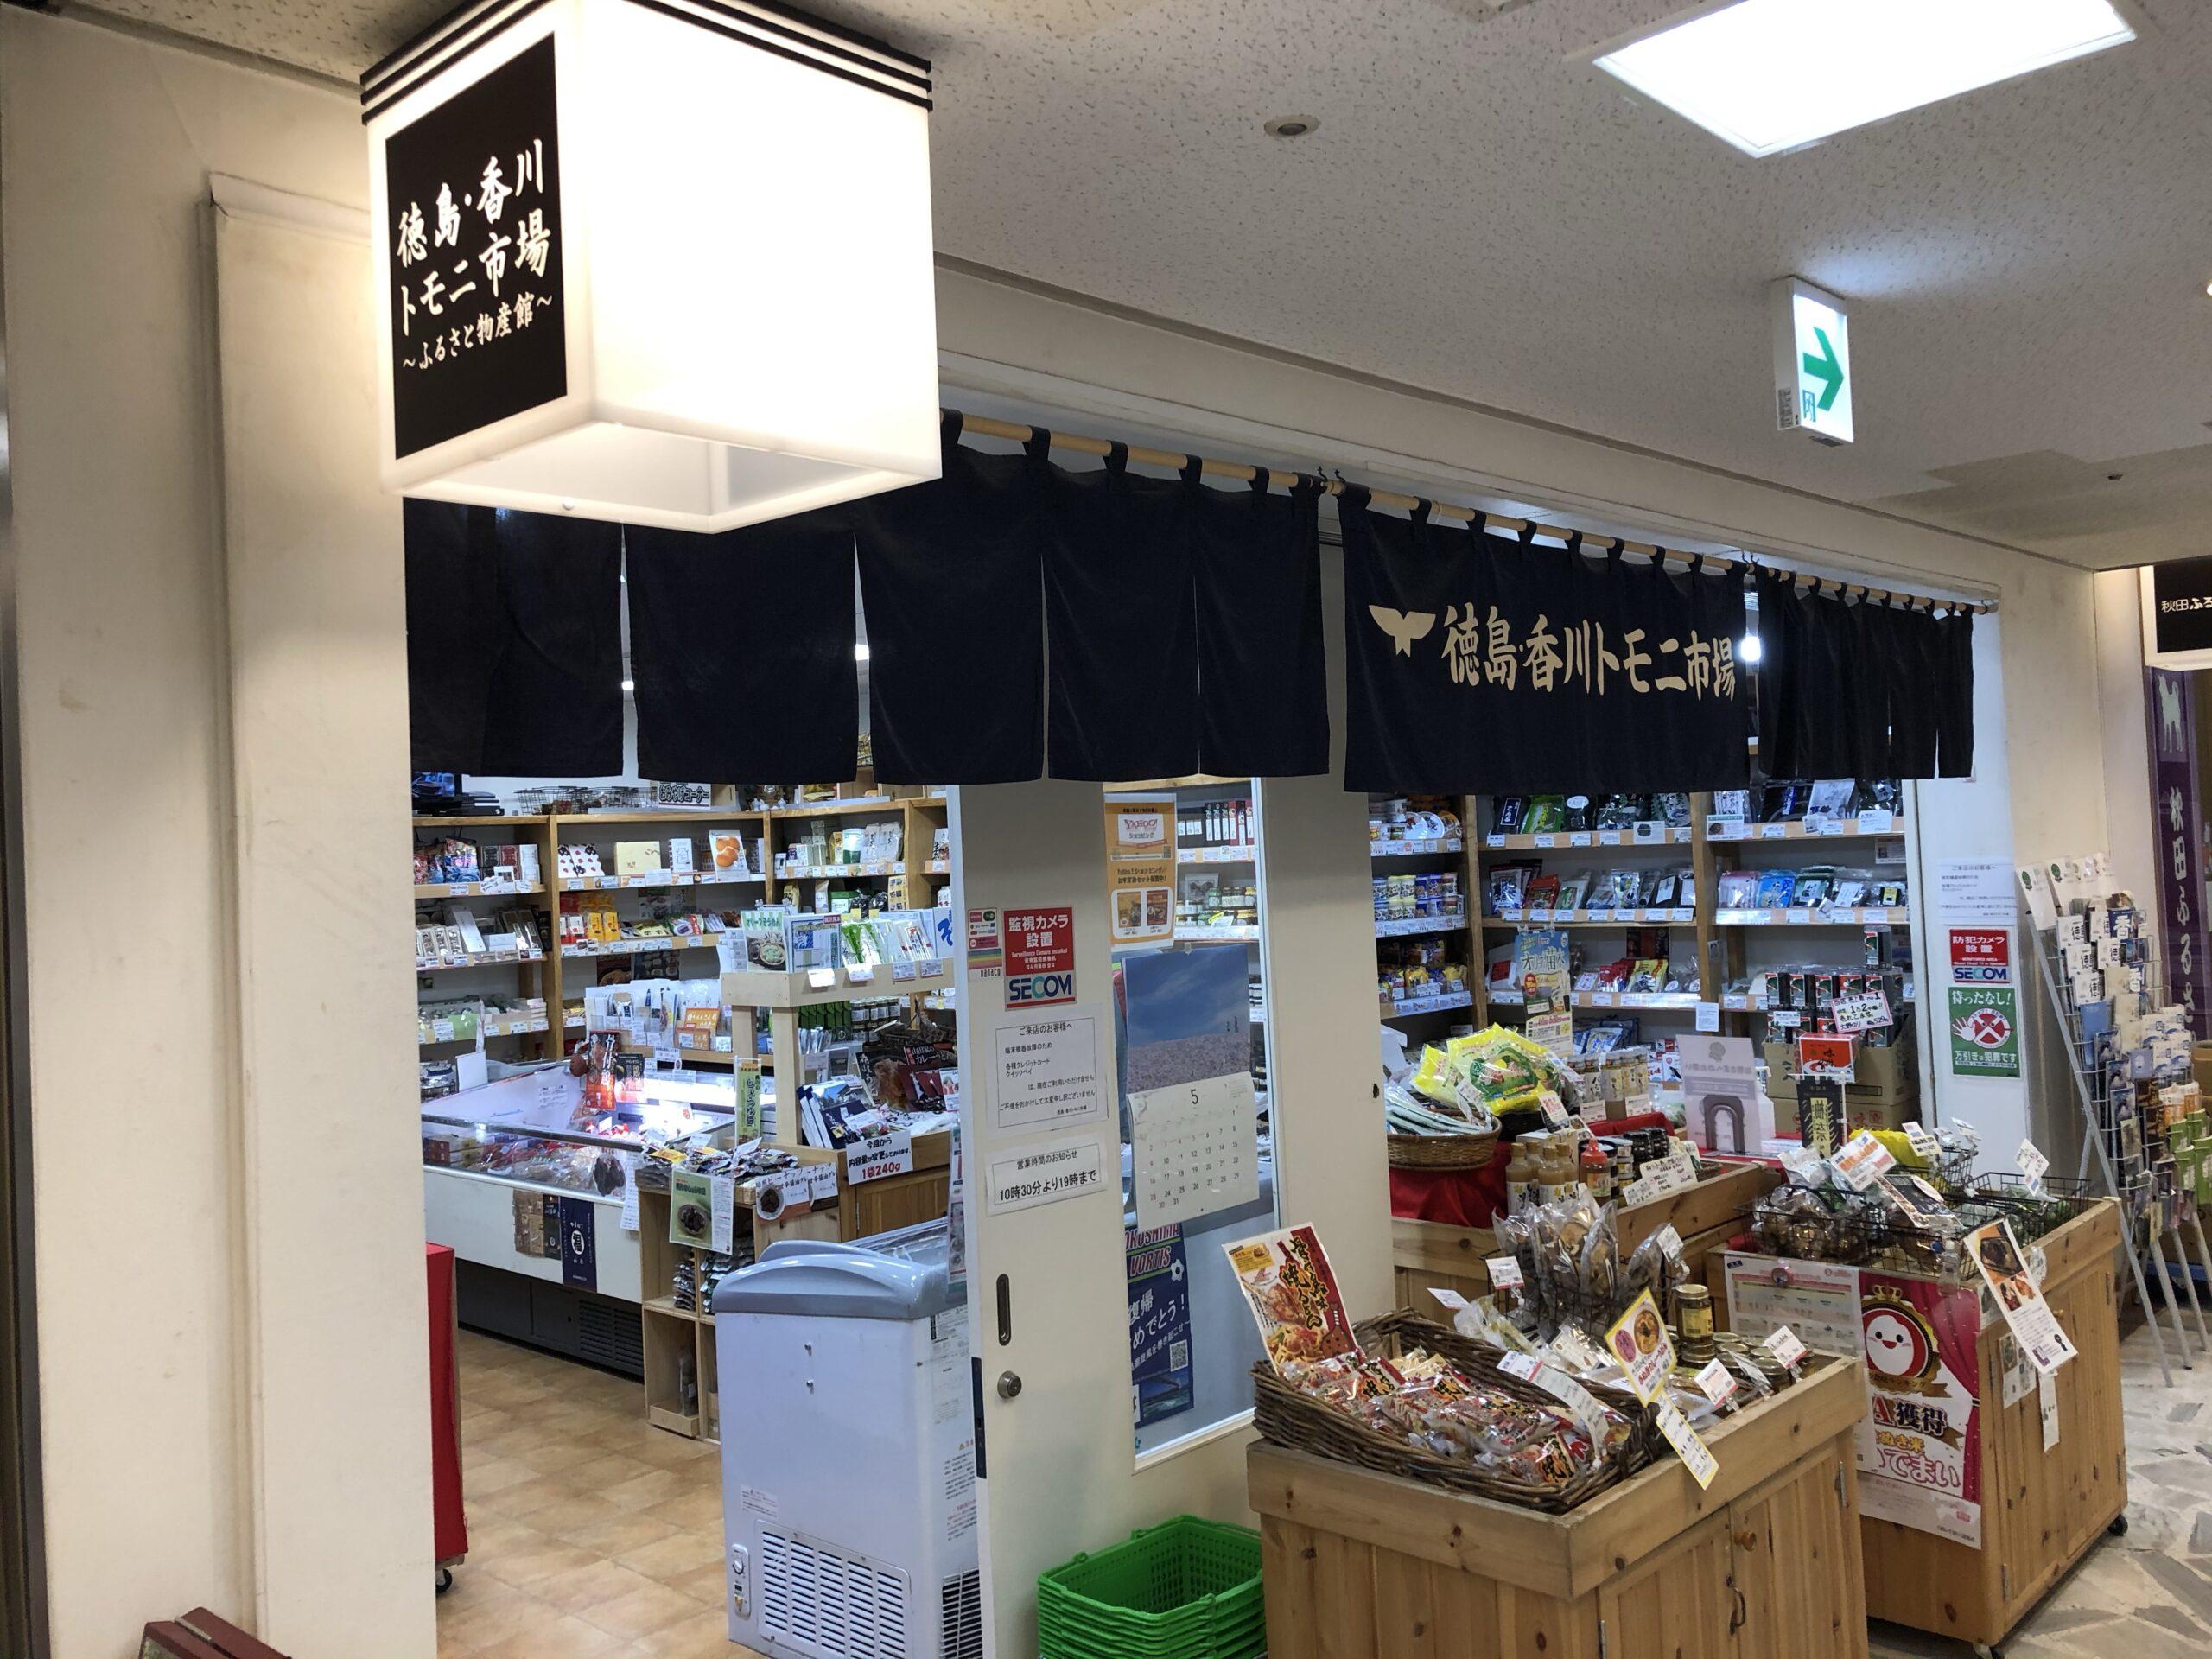 「徳島・香川トモニ市場」!有楽町からエネルギッシュ徳島とアーティスティック香川へ